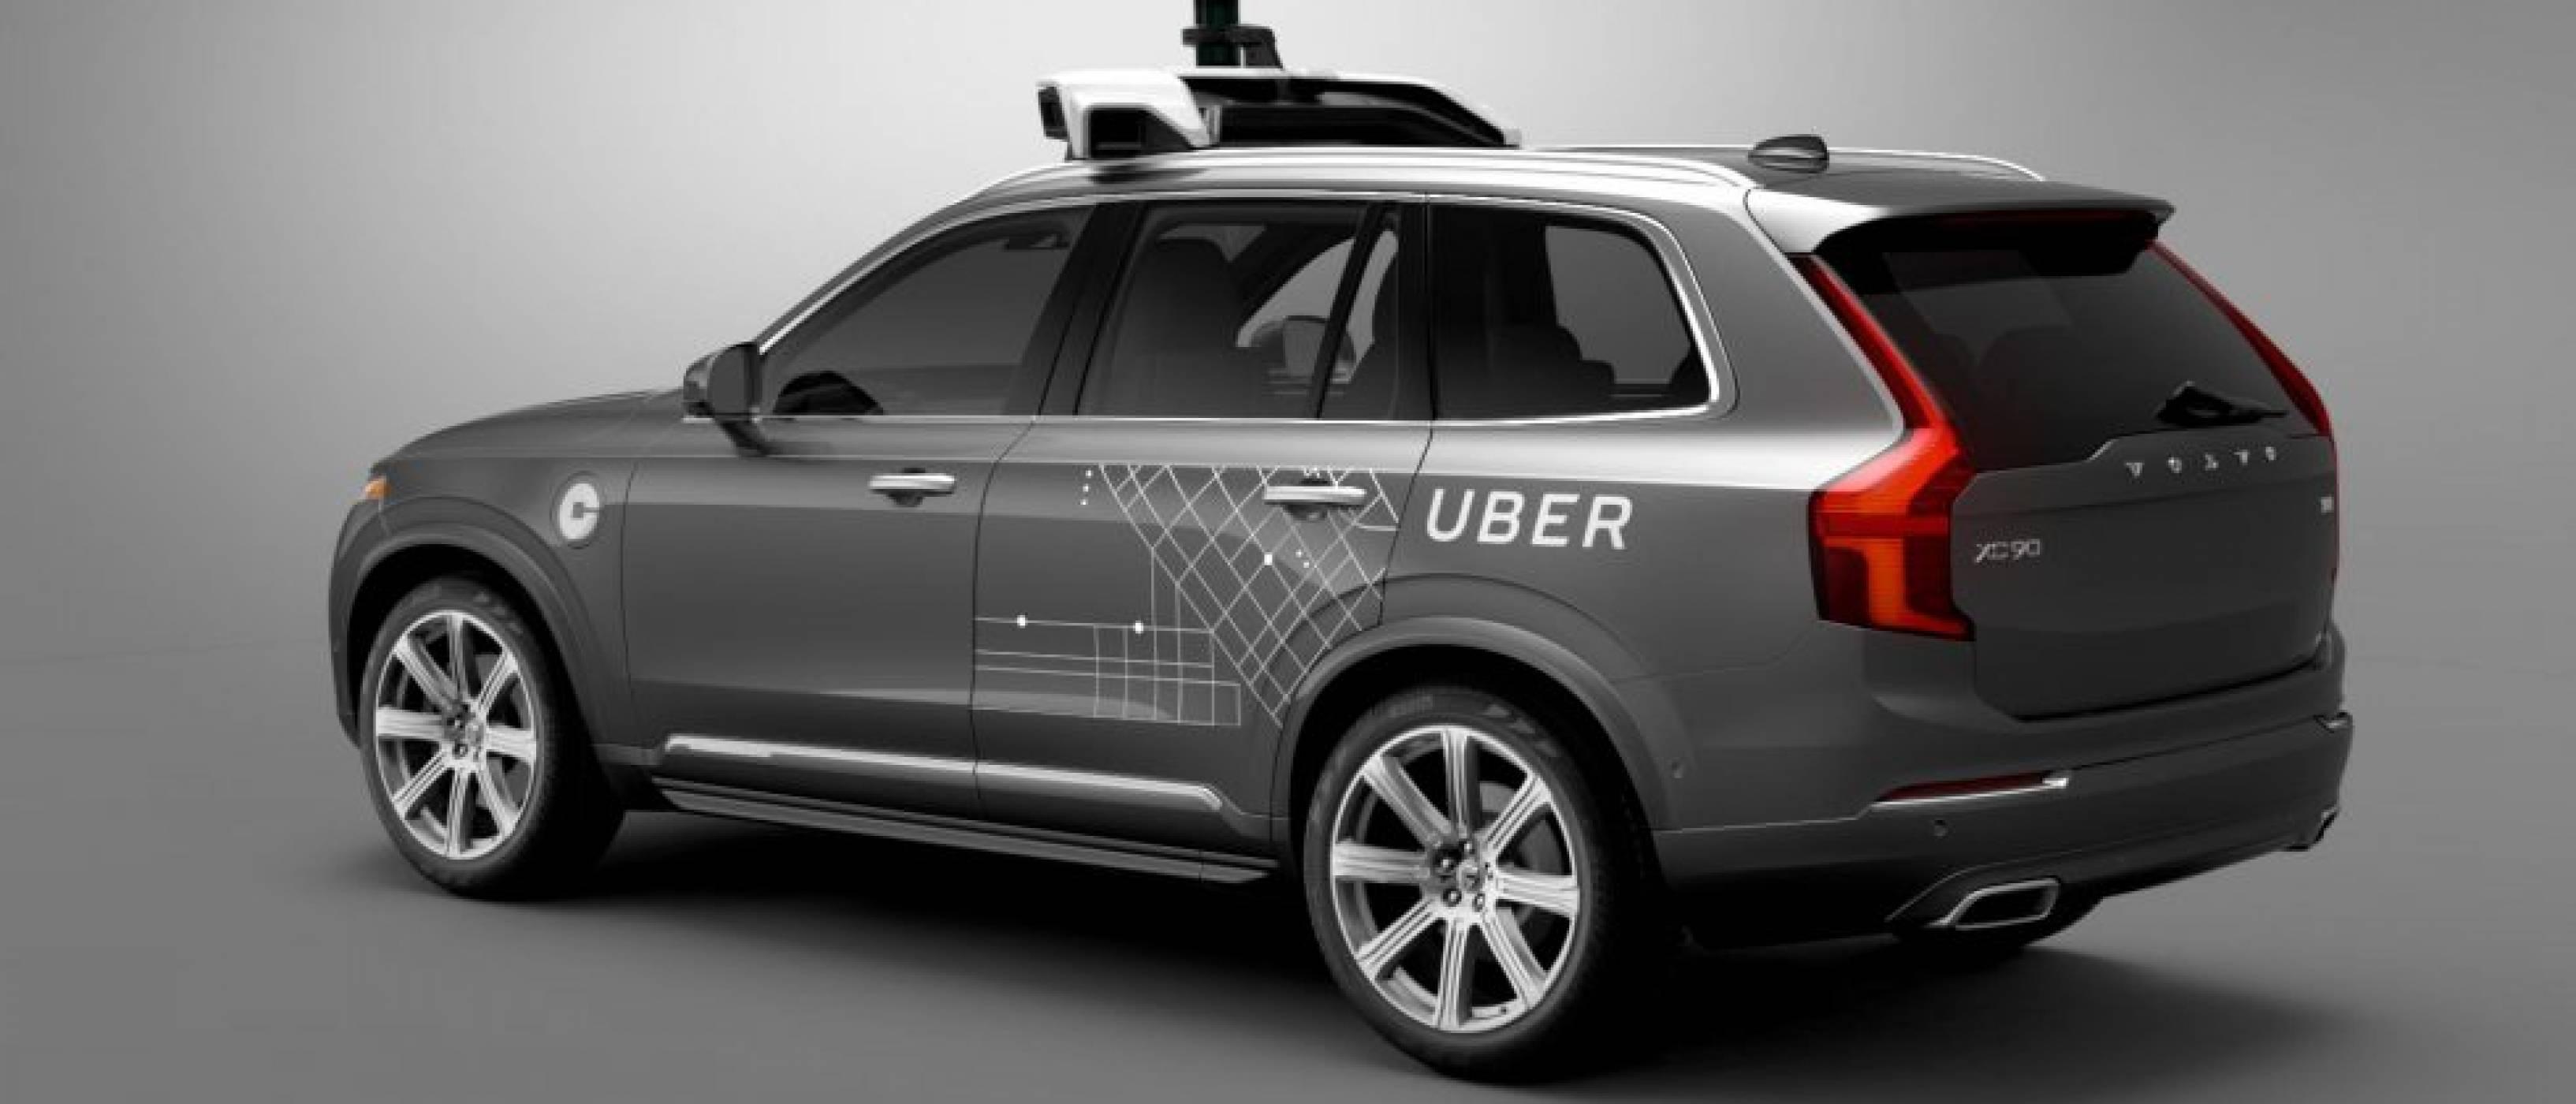 Самоуправляваща се кола на Uber се обърна в Аризона